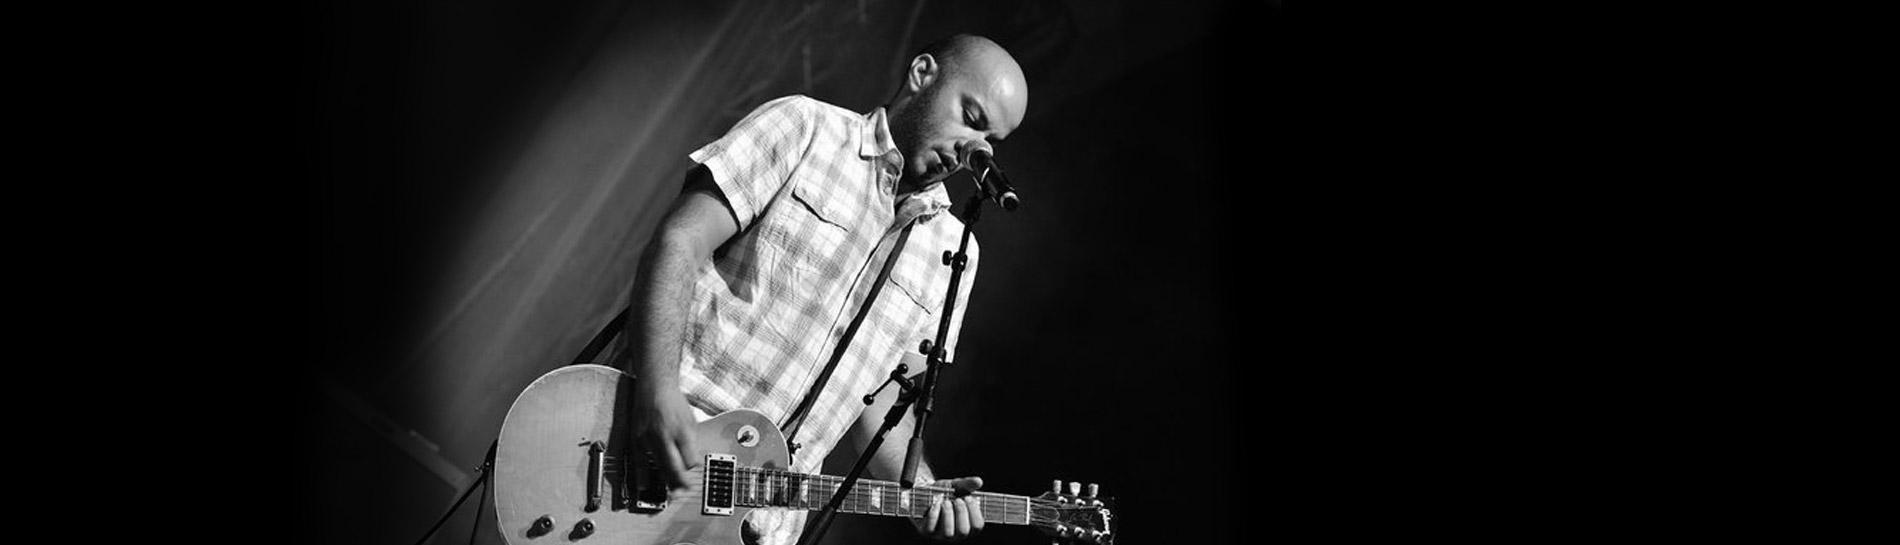 jouer les titres de Muse guitare electrique